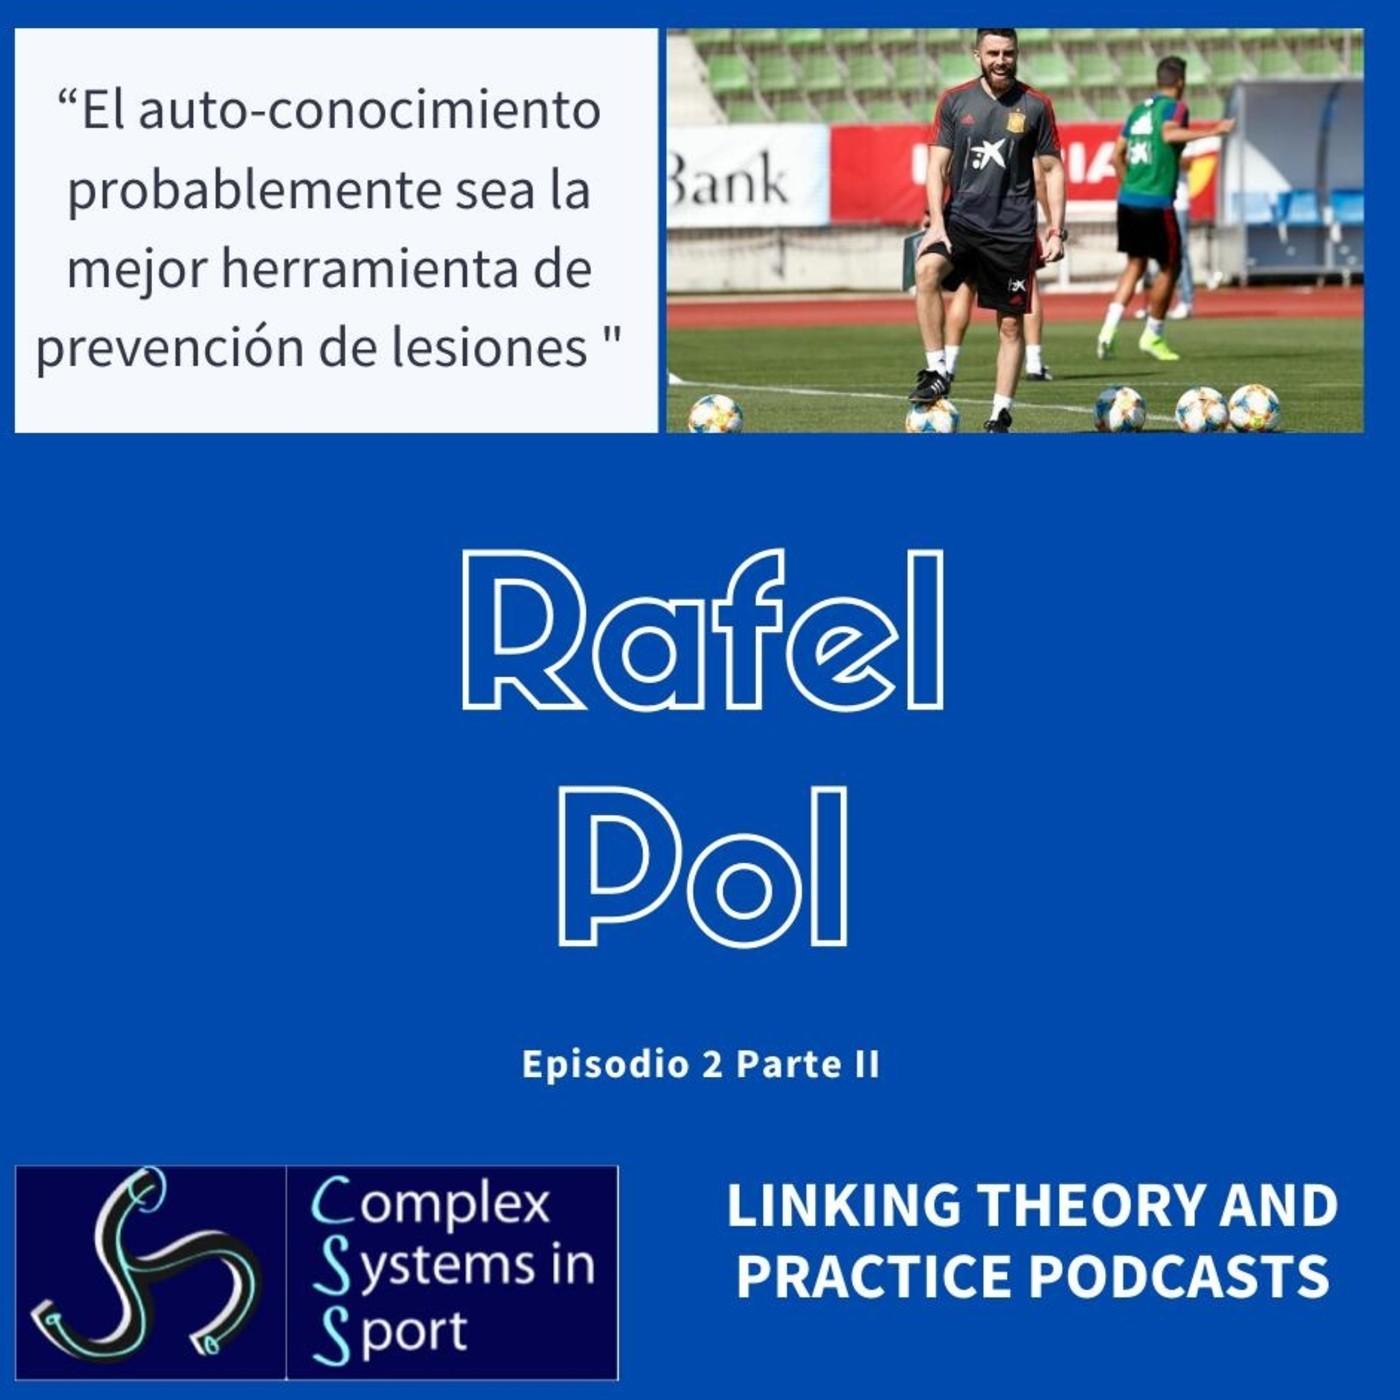 """Rafel Pol: """"El auto-conocimiento probablemente sea la mejor herramienta de prevención de lesiones"""""""